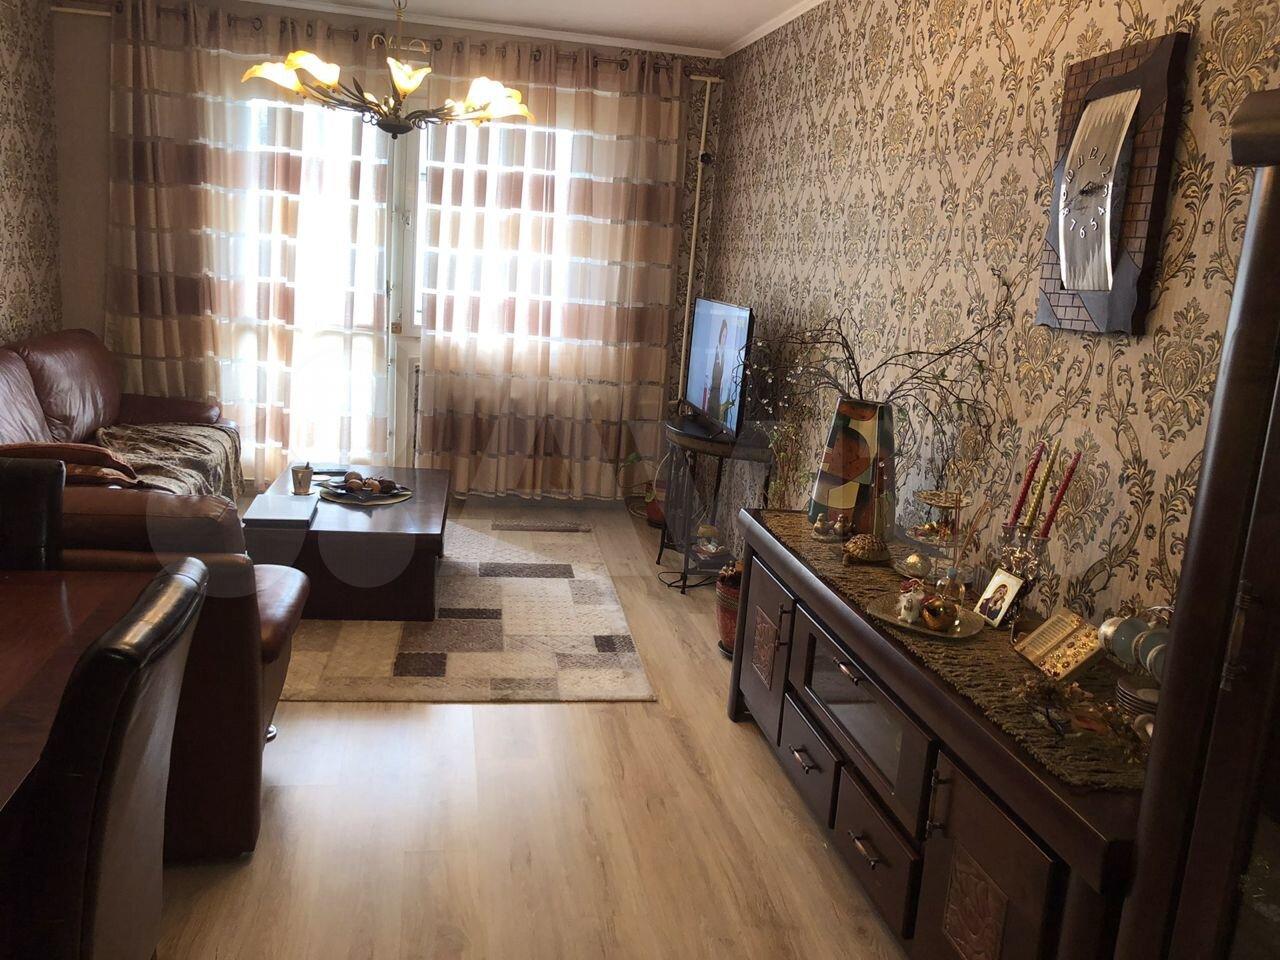 4-к квартира, 92.3 м², 5/5 эт.  89655592998 купить 5